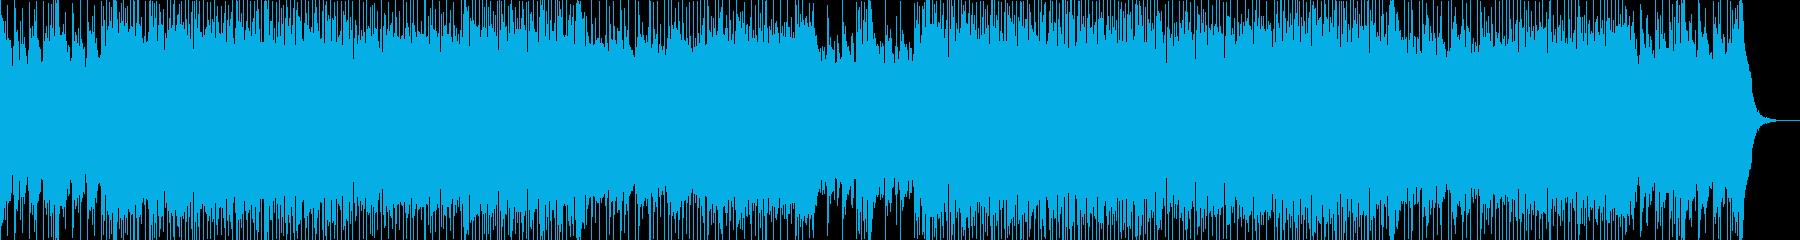 90年代テイストのRAVE・テクノハウスの再生済みの波形